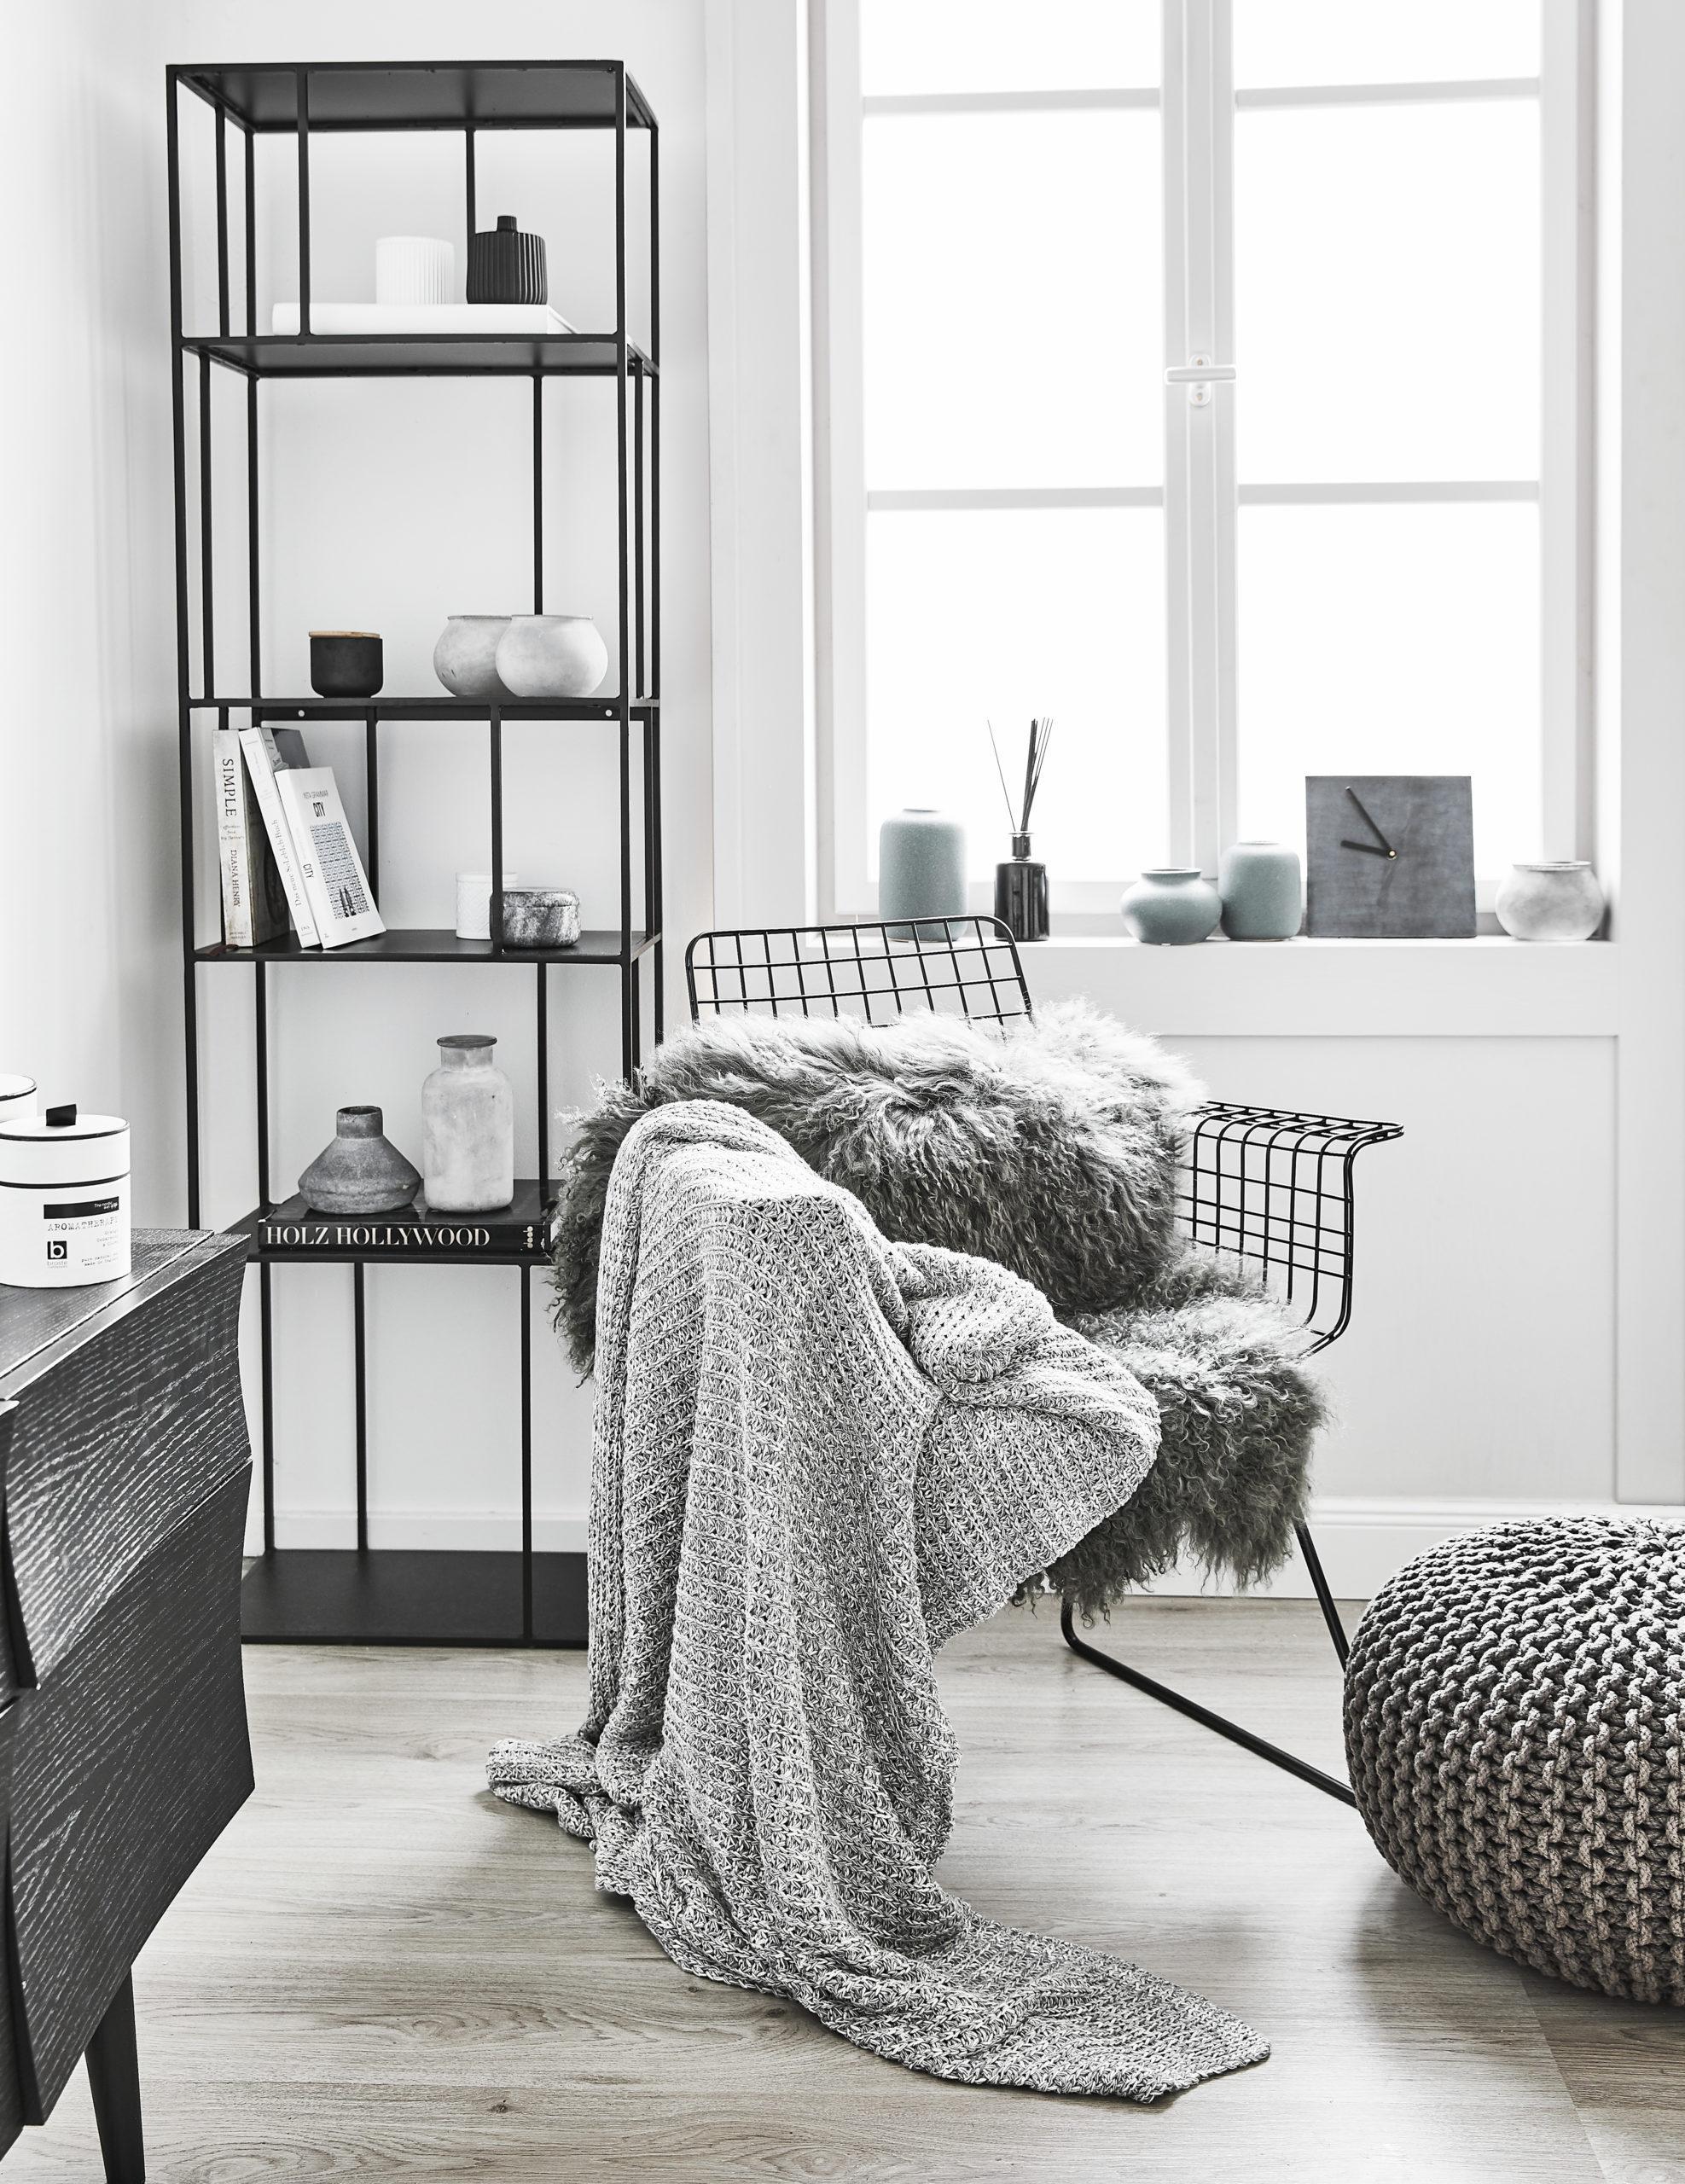 Schwarzes Metallregal mit Büchern und Vasen minimalistisch dekoriert